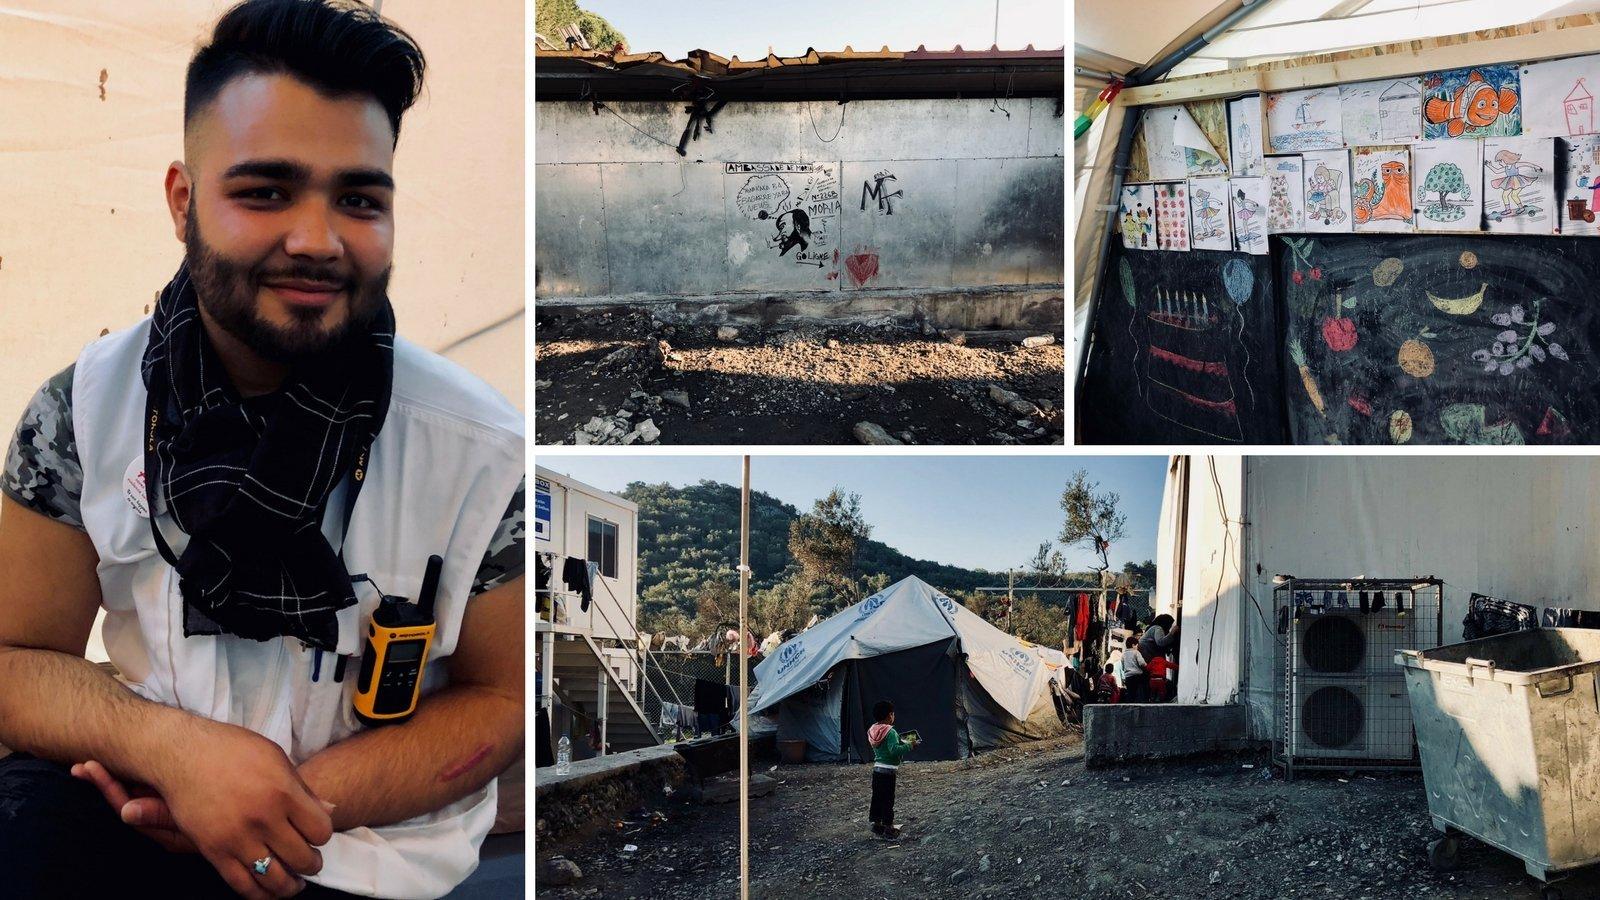 Vor einem Jahr strandete er in Griechenland, jetzt rettet er auf Lesbos Flüchtlinge